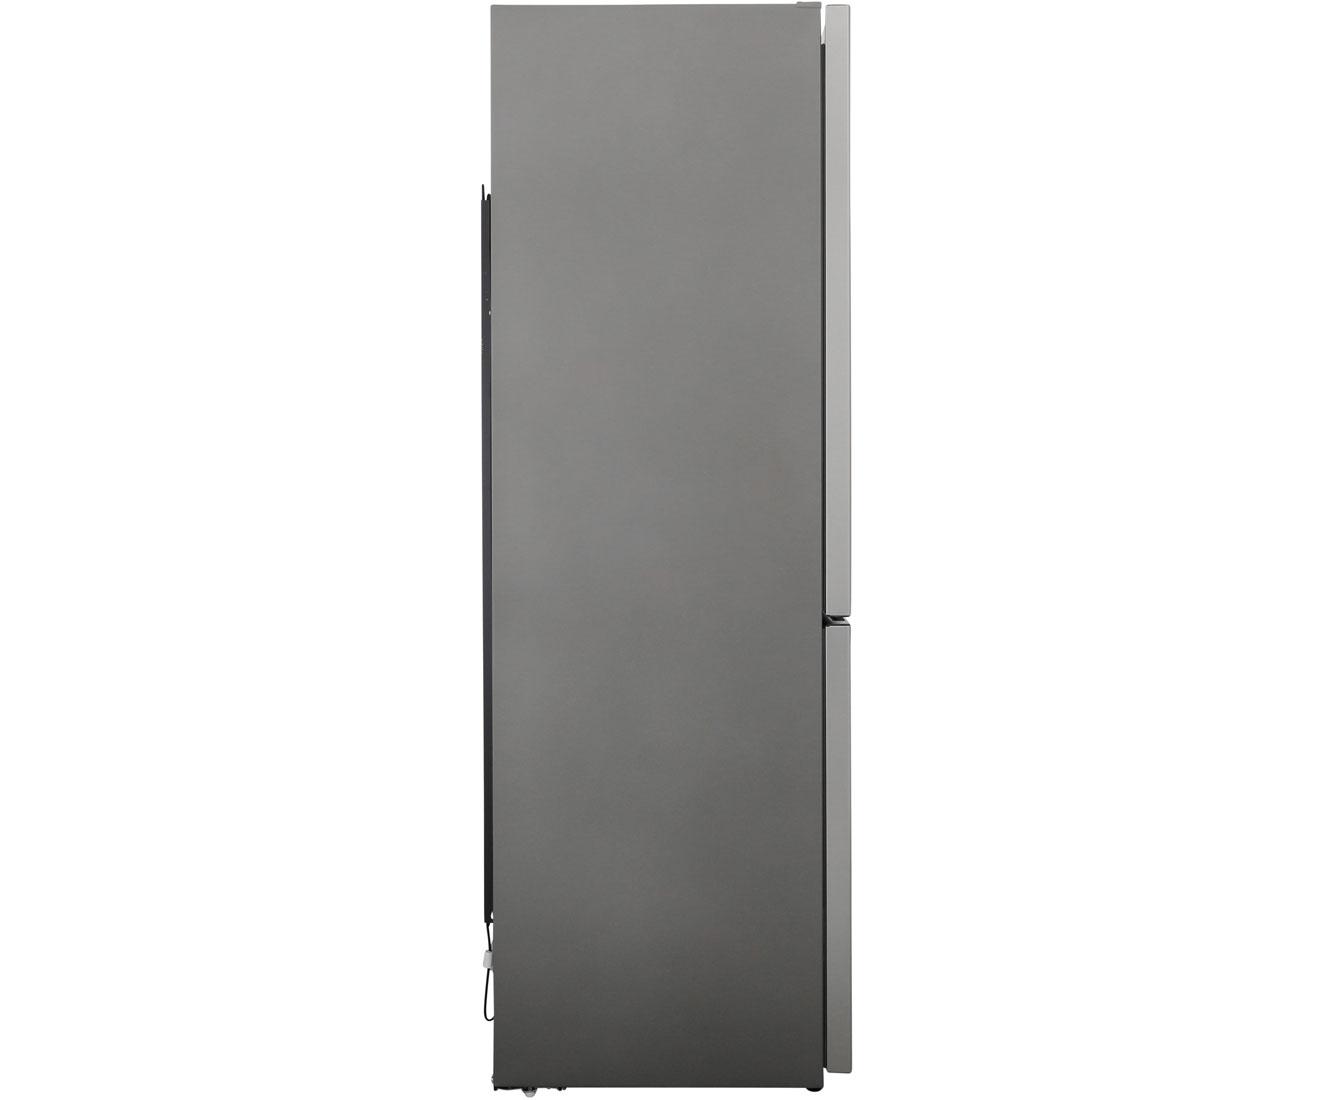 Bosch Kühlschrank Nass : Bauknecht kg 335 a in kühl gefrierkombination 60er breite